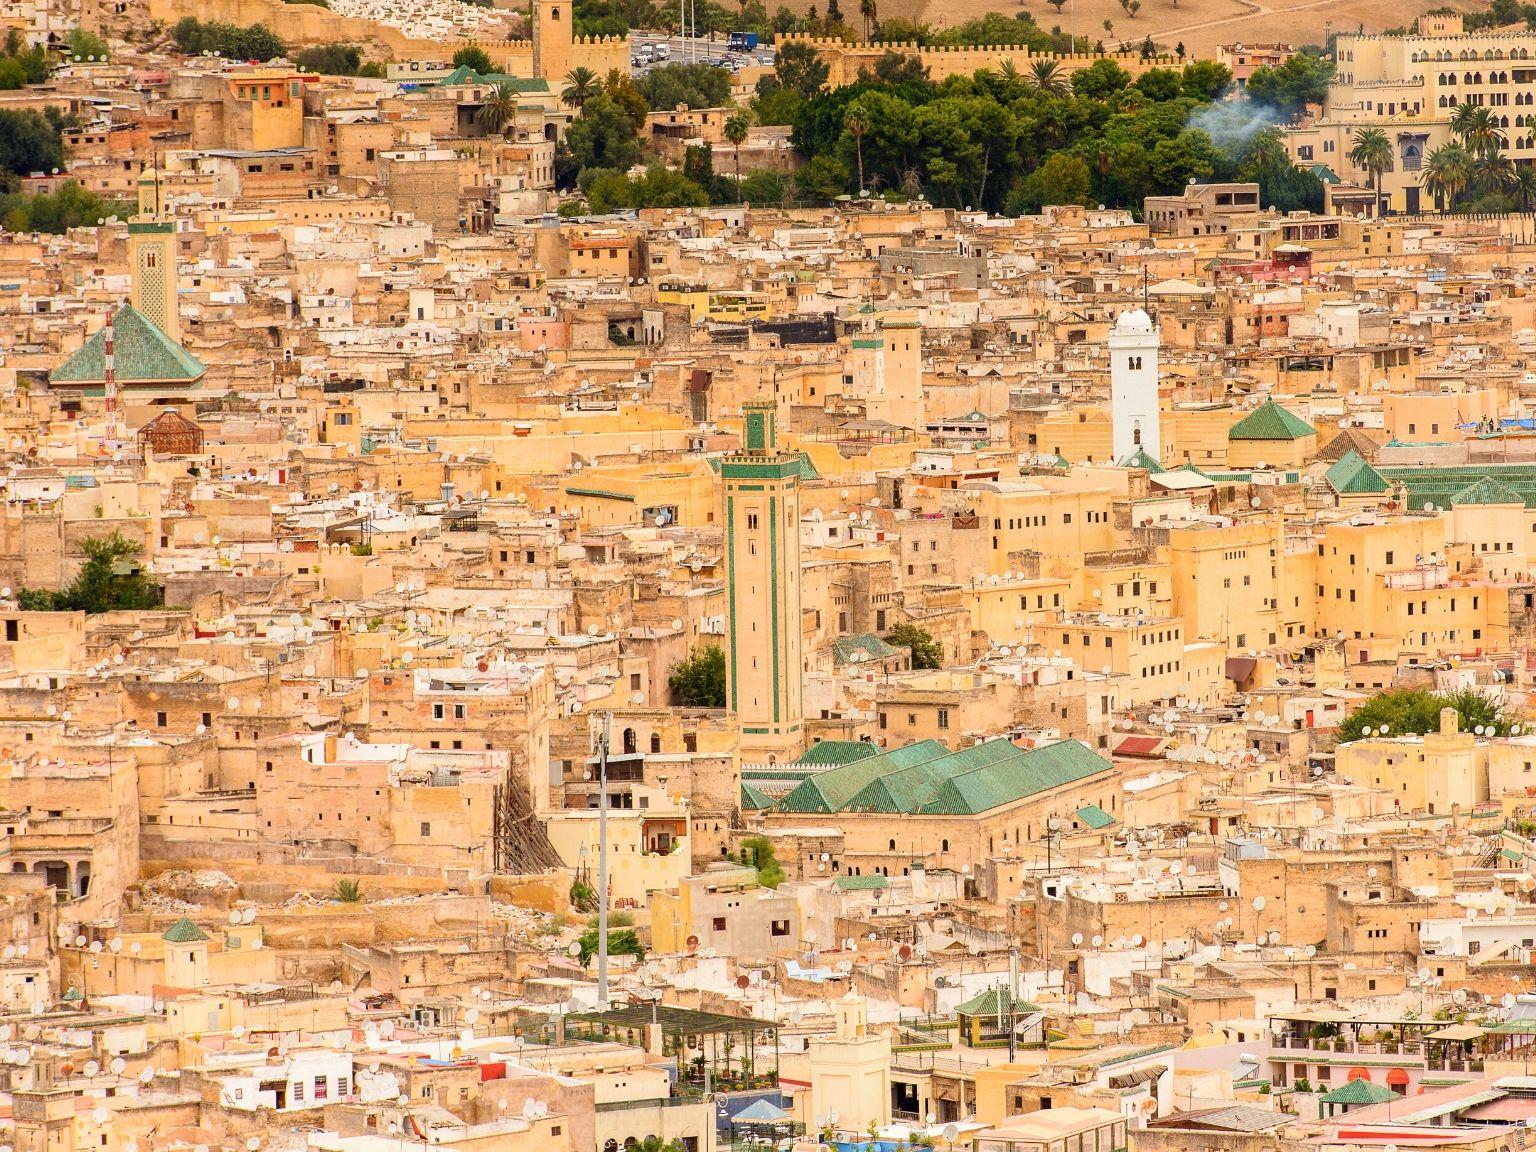 Fotos de Fez en Marruecos